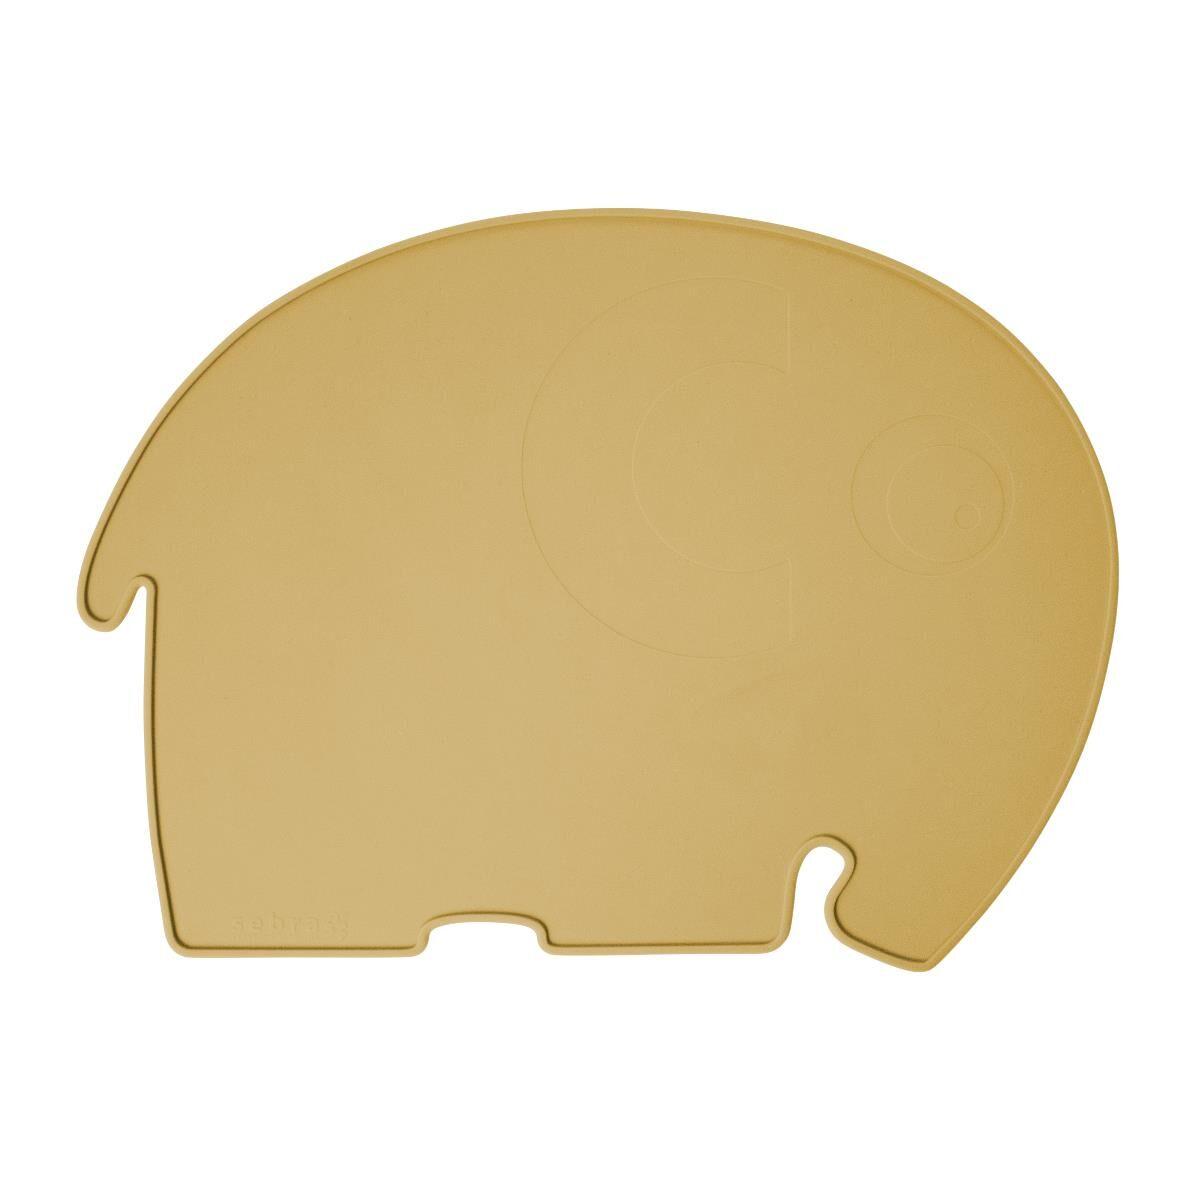 Sebra elefant spisebrikke til barn, savannah yellow